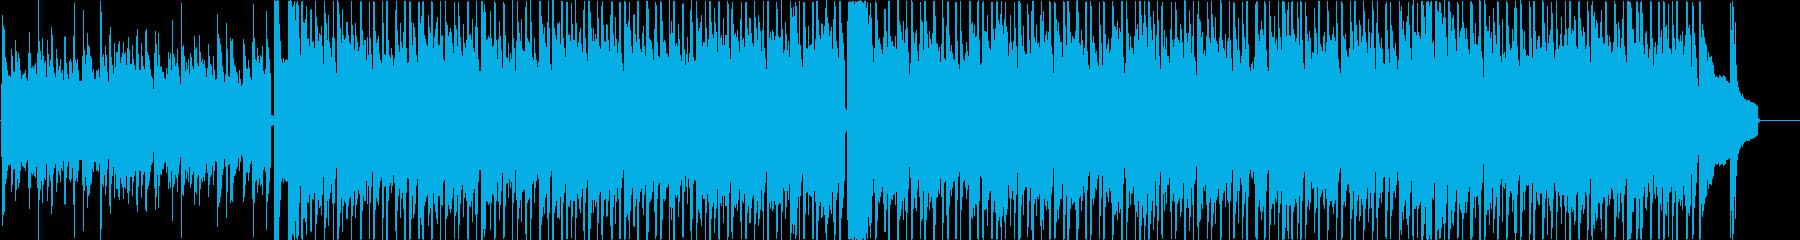 夏祭りをイメージした曲の再生済みの波形